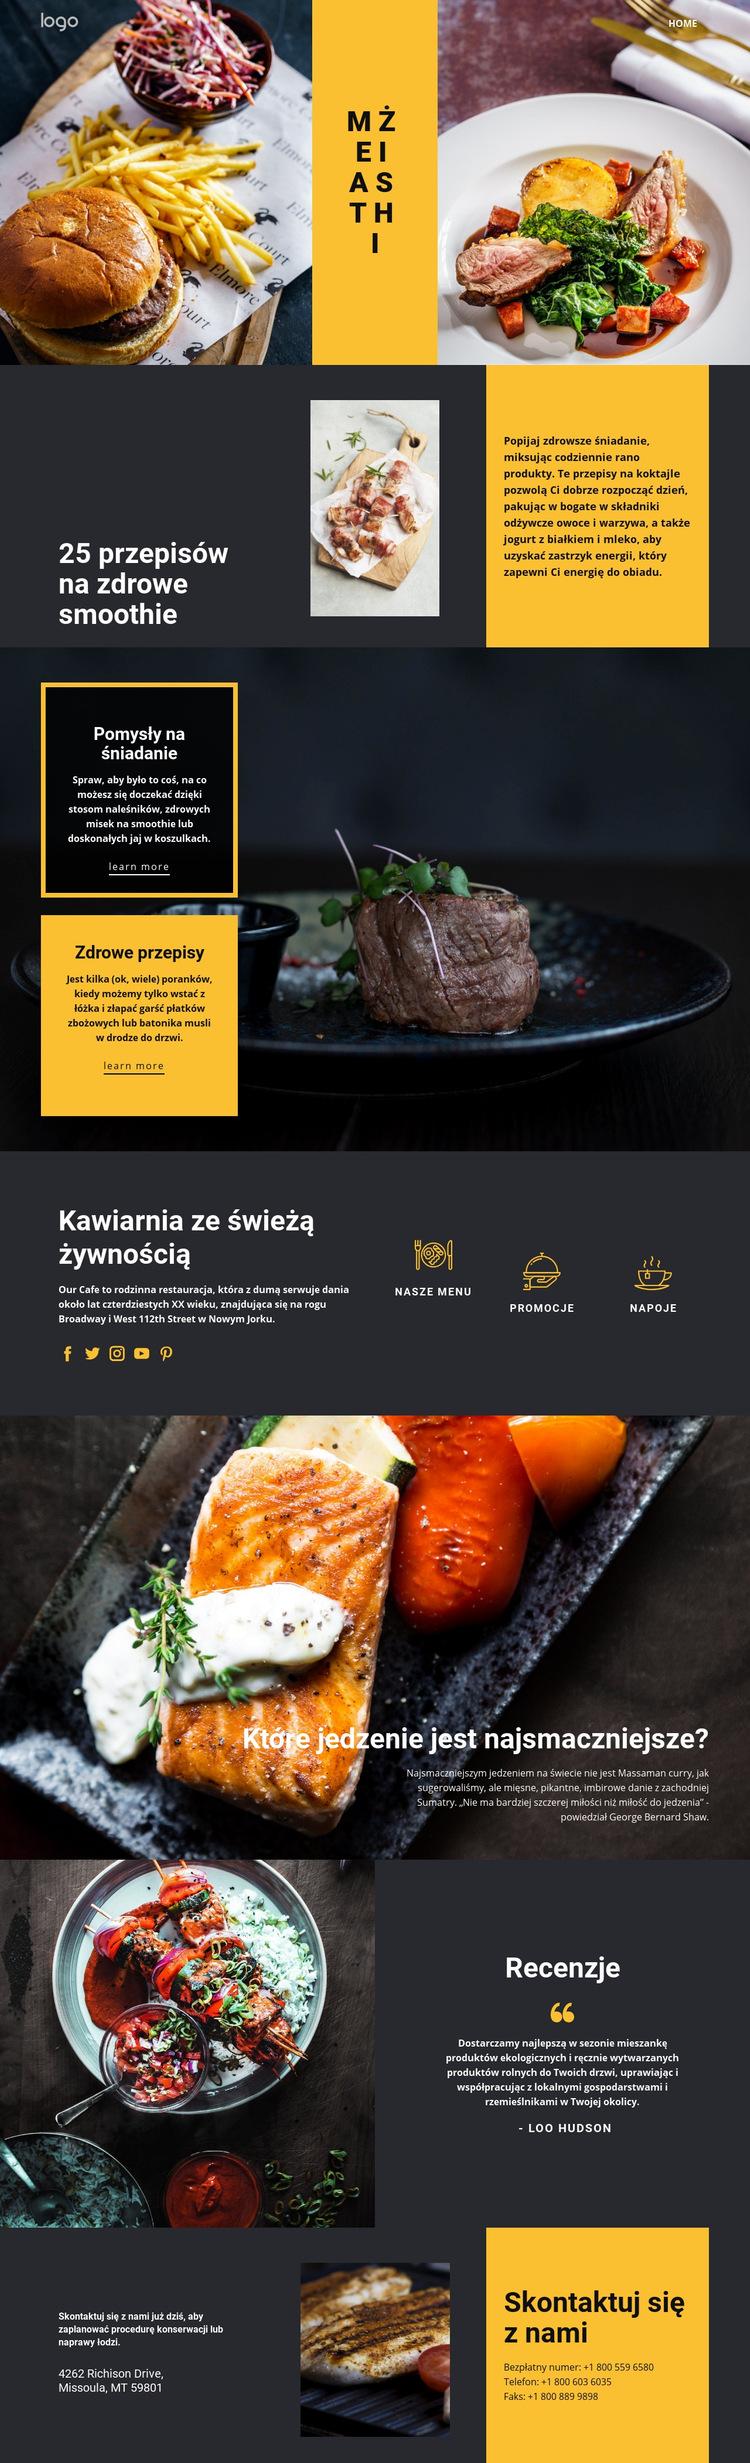 Dobre przepisy na dobre jedzenie Szablon witryny sieci Web